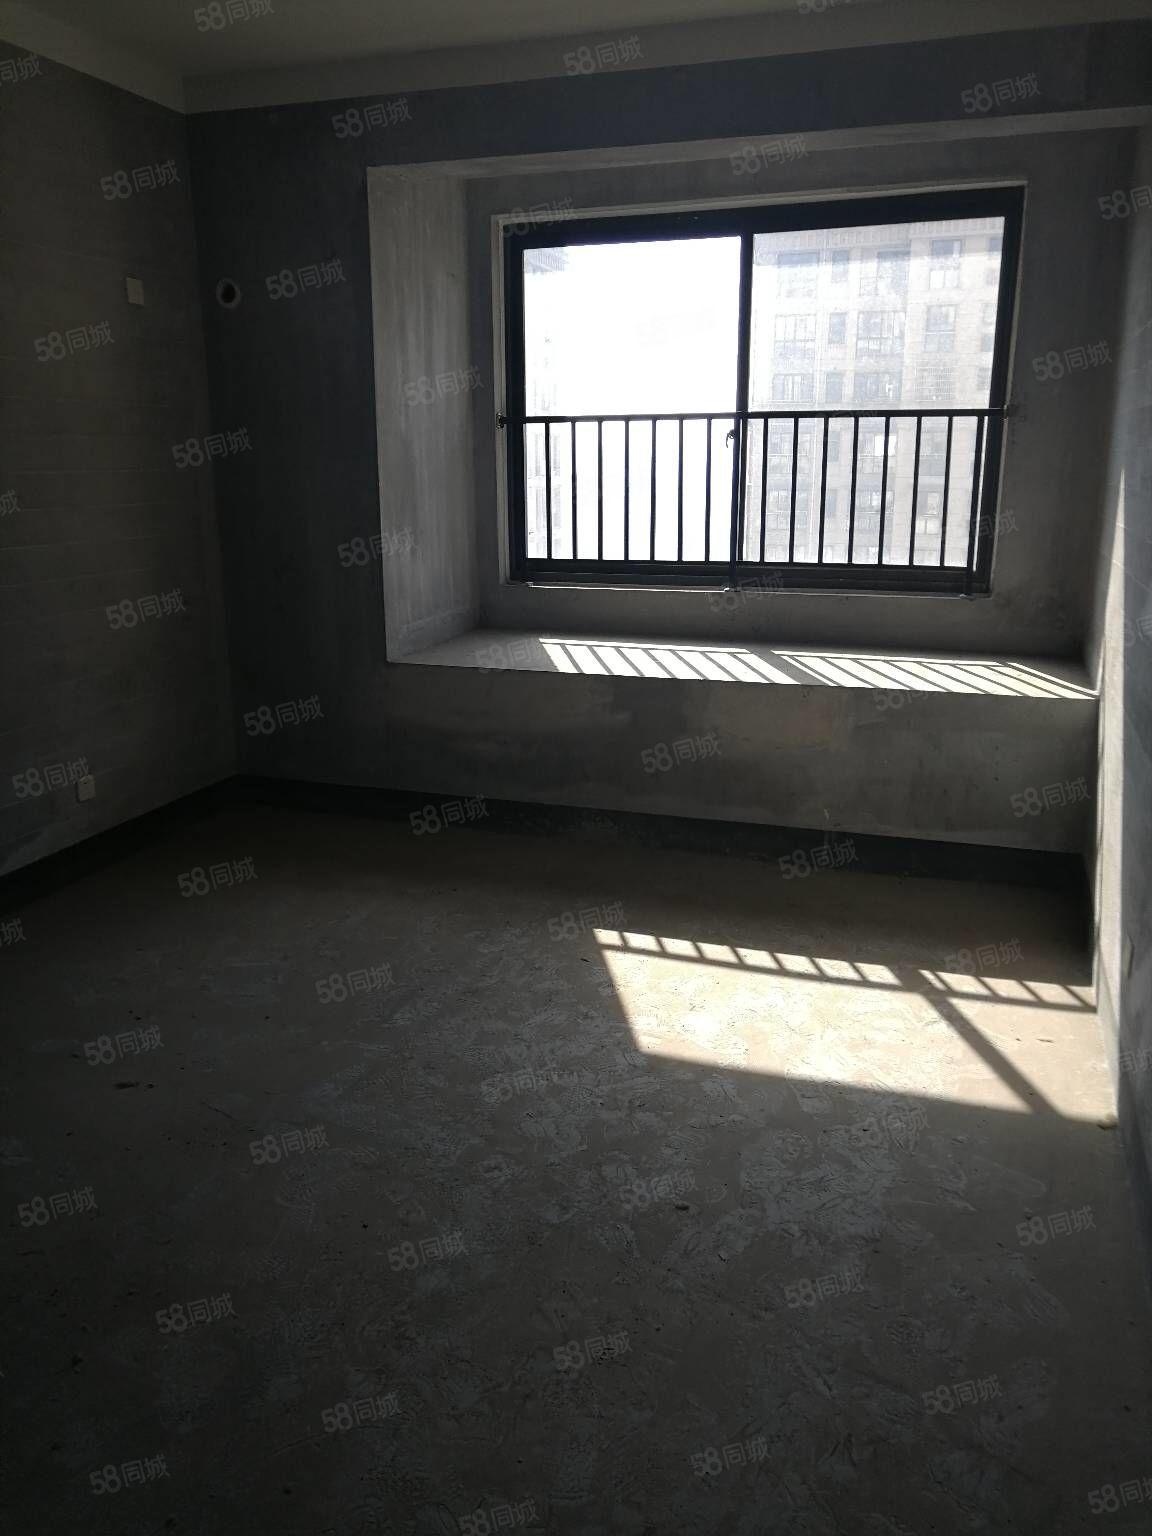 急售,绿城海棠公寓,三楼,带150方大露台,使用空间大